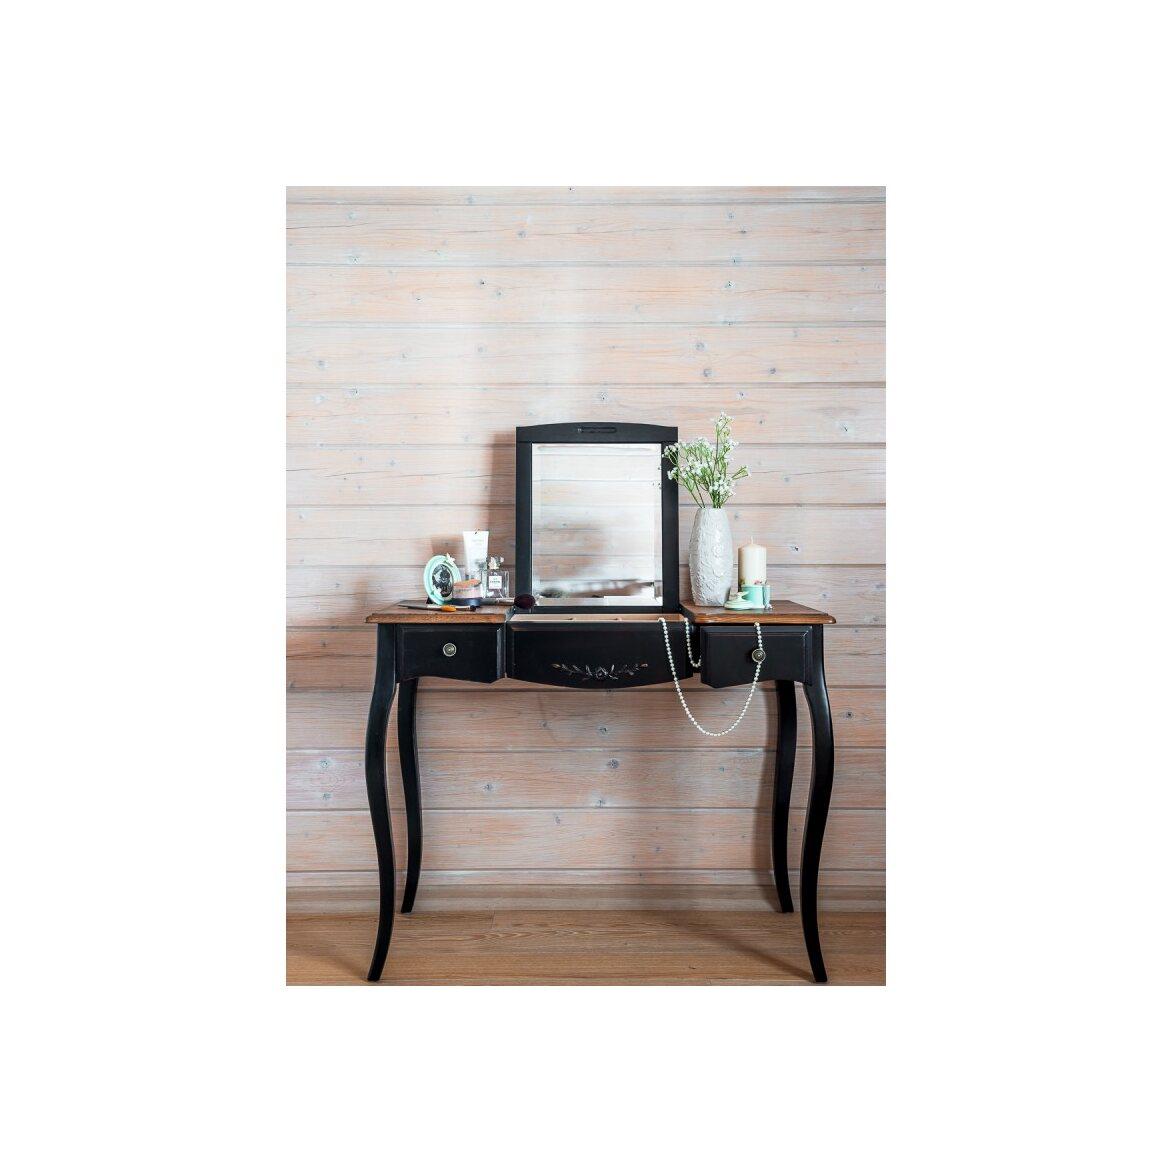 Туалетный столик с зеркалом Leontina, черного цвета 2 | Туалетные столики Kingsby